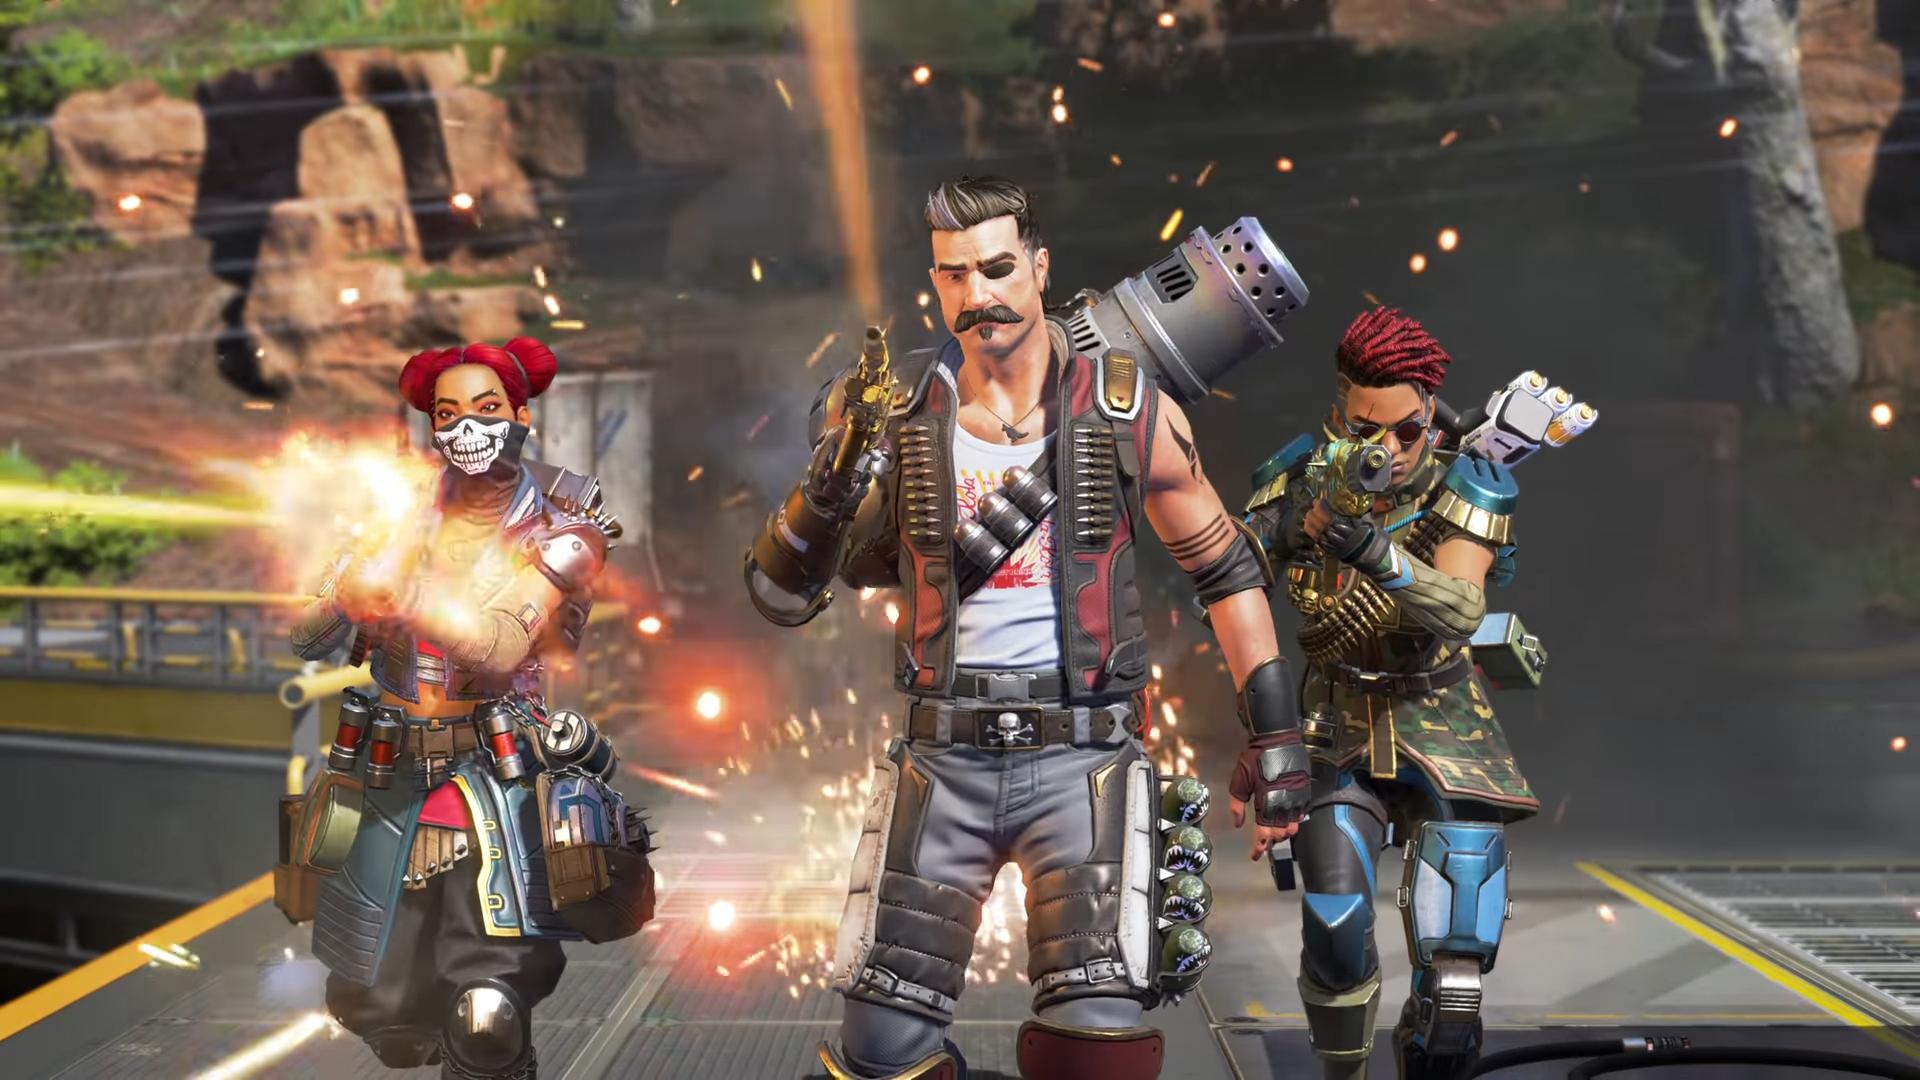 Permainan battle royale yang membutuhkan 3 pemain dalam satu tim, Apex Legends Foto: Electronic Arts